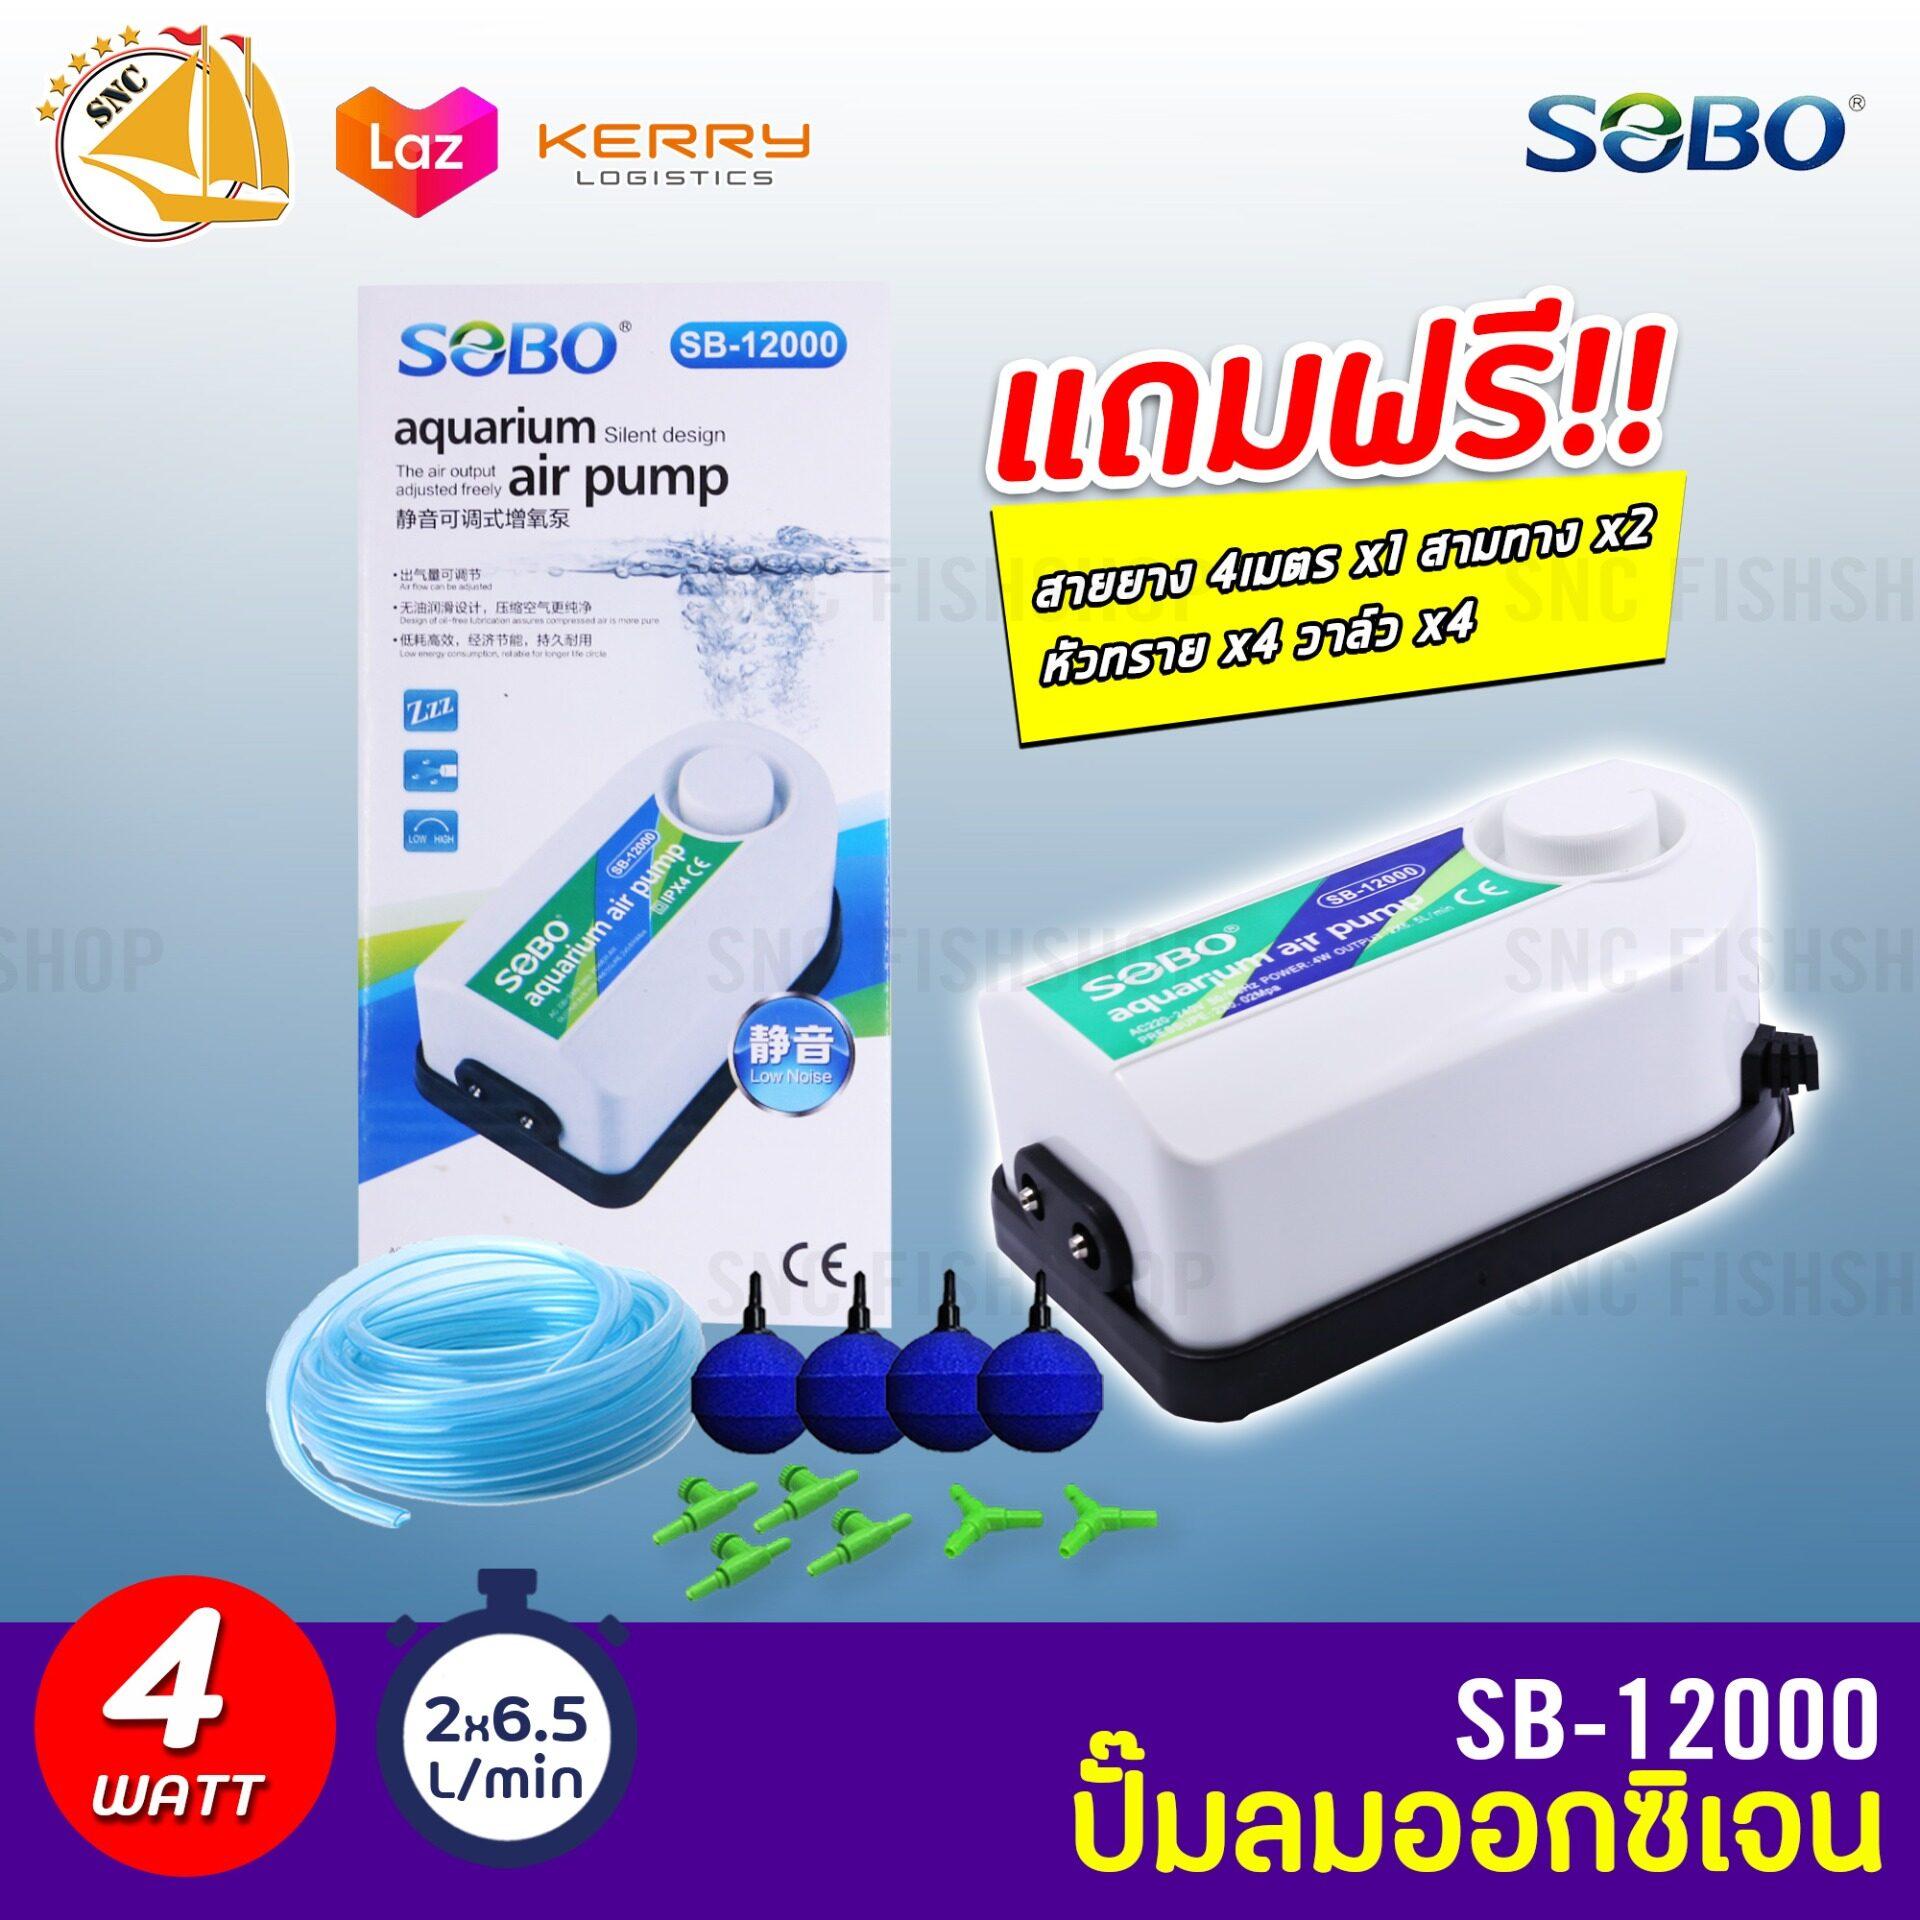 SOBO SB-12000 ปั๊มลม 2 ทาง แถมฟรีชุดข้อต่อ (Size S)